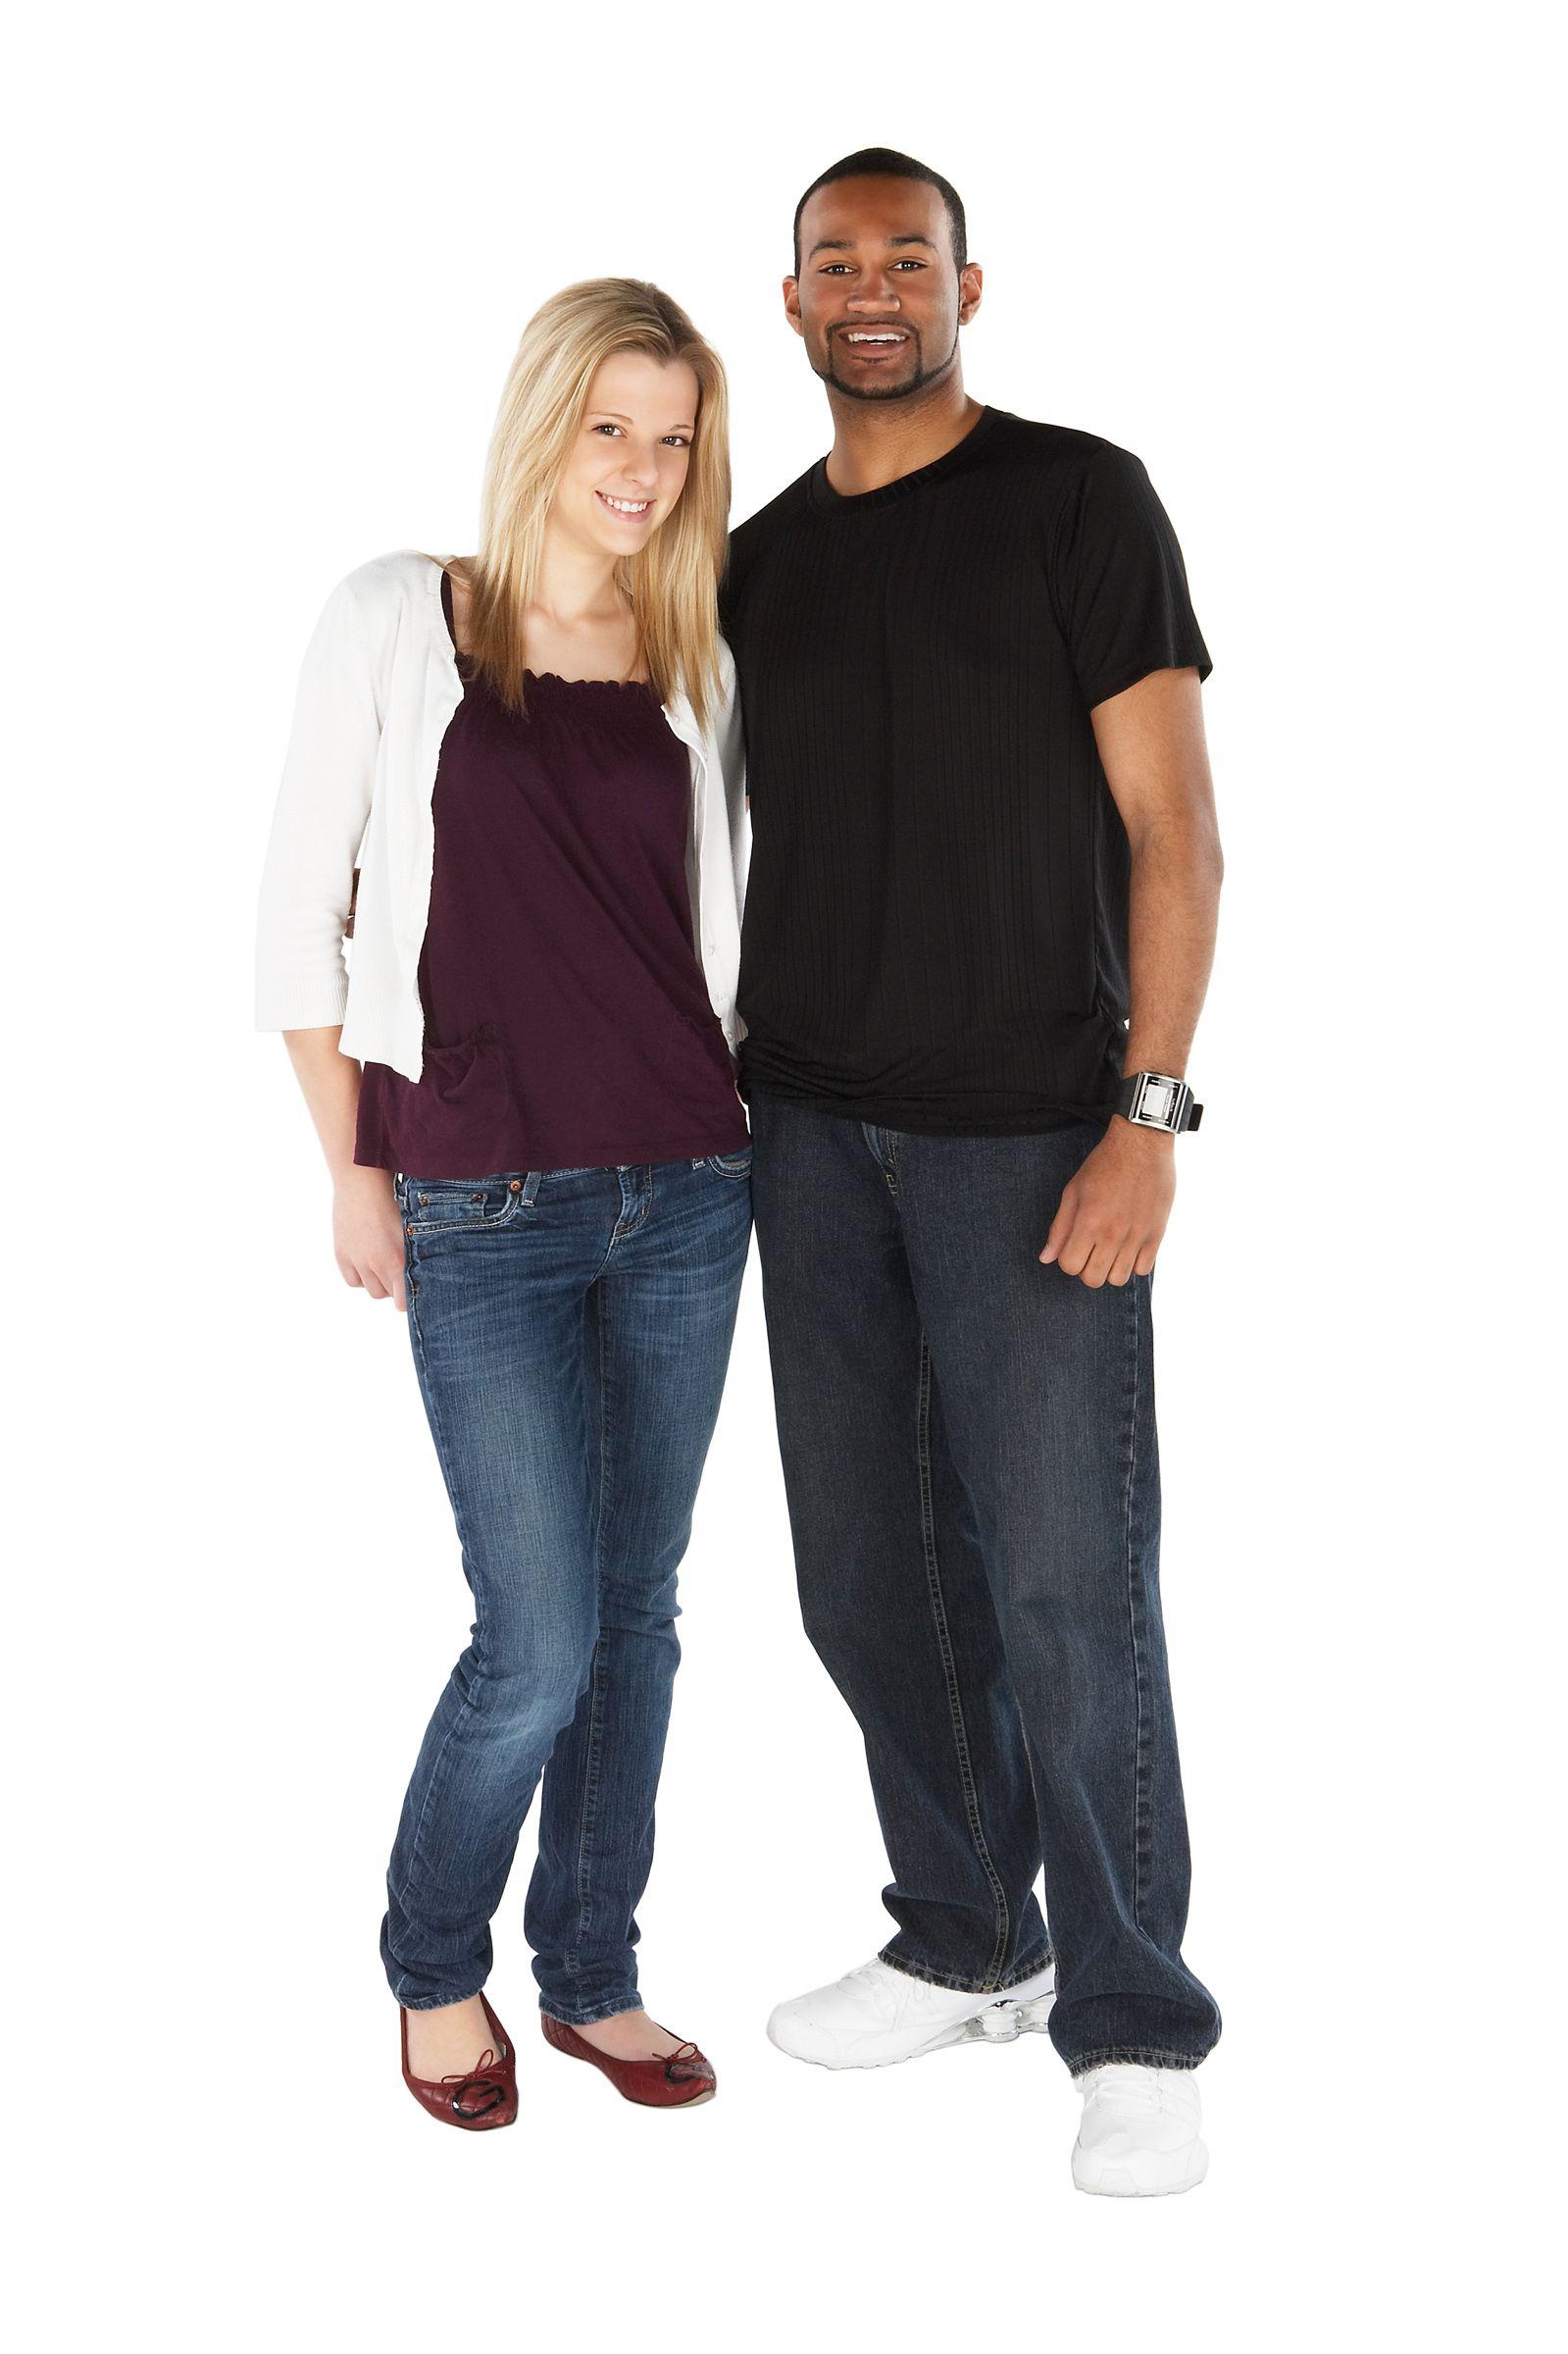 Inside Christian Dating for Interracial Singles   Relationships & Dating Tips For Men & Women